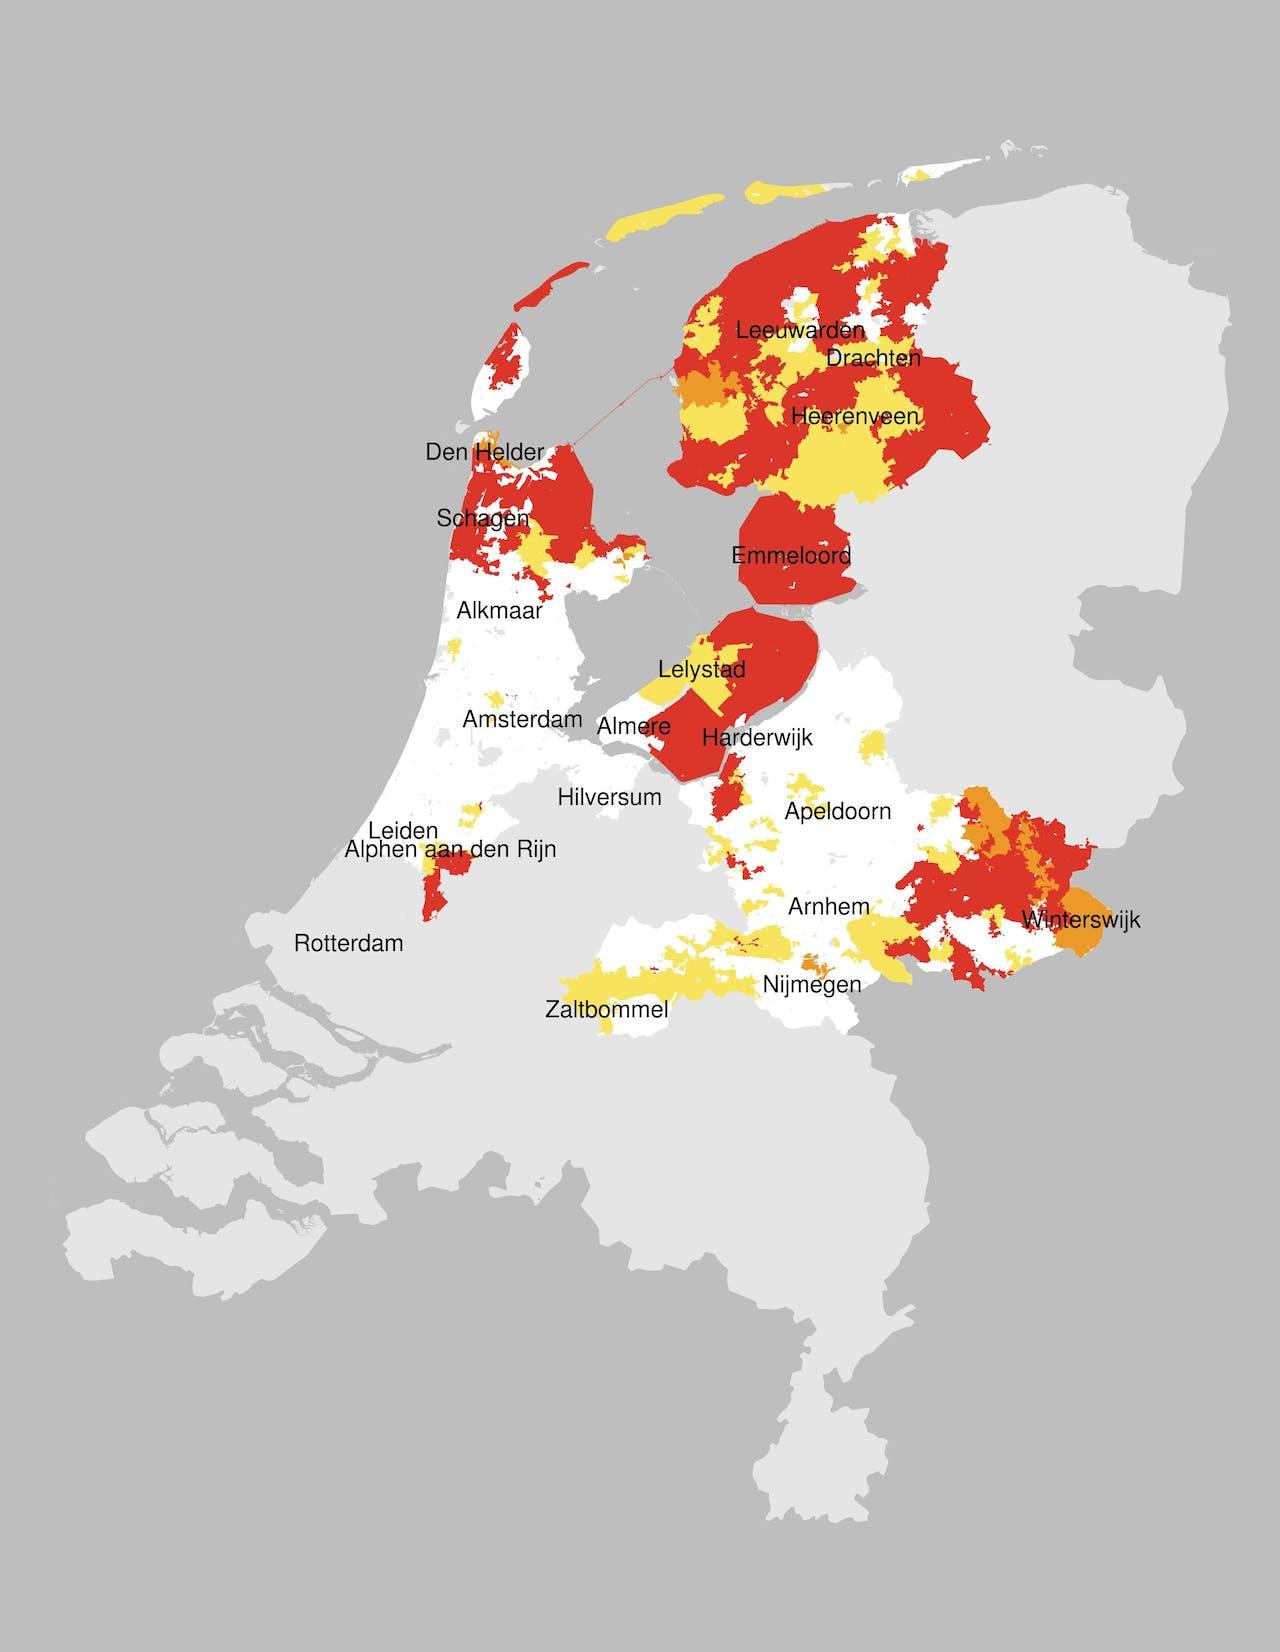 Overzichtskaart van congestie in het werkgebied van Liander. In de rode gebieden is het net vol én biedt congestiemanagement geen uitkomst, in de oranje gebieden is het net ook vol maar loopt nog een onderzoek naar de mogelijkheden van congestiemanagement, en in de gele gebieden is er nog wel ruimte op het net, maar zijn de grenzen wel in zicht. De congestie op deze kaart geldt alleen voor teruglevering aan het net, voor verbruik zijn er ook capaciteitsproblemen, maar de gebieden waarin dit speelt kunnen verschillen van de gebieden waar geen capaciteit meer is voor teruglevering.